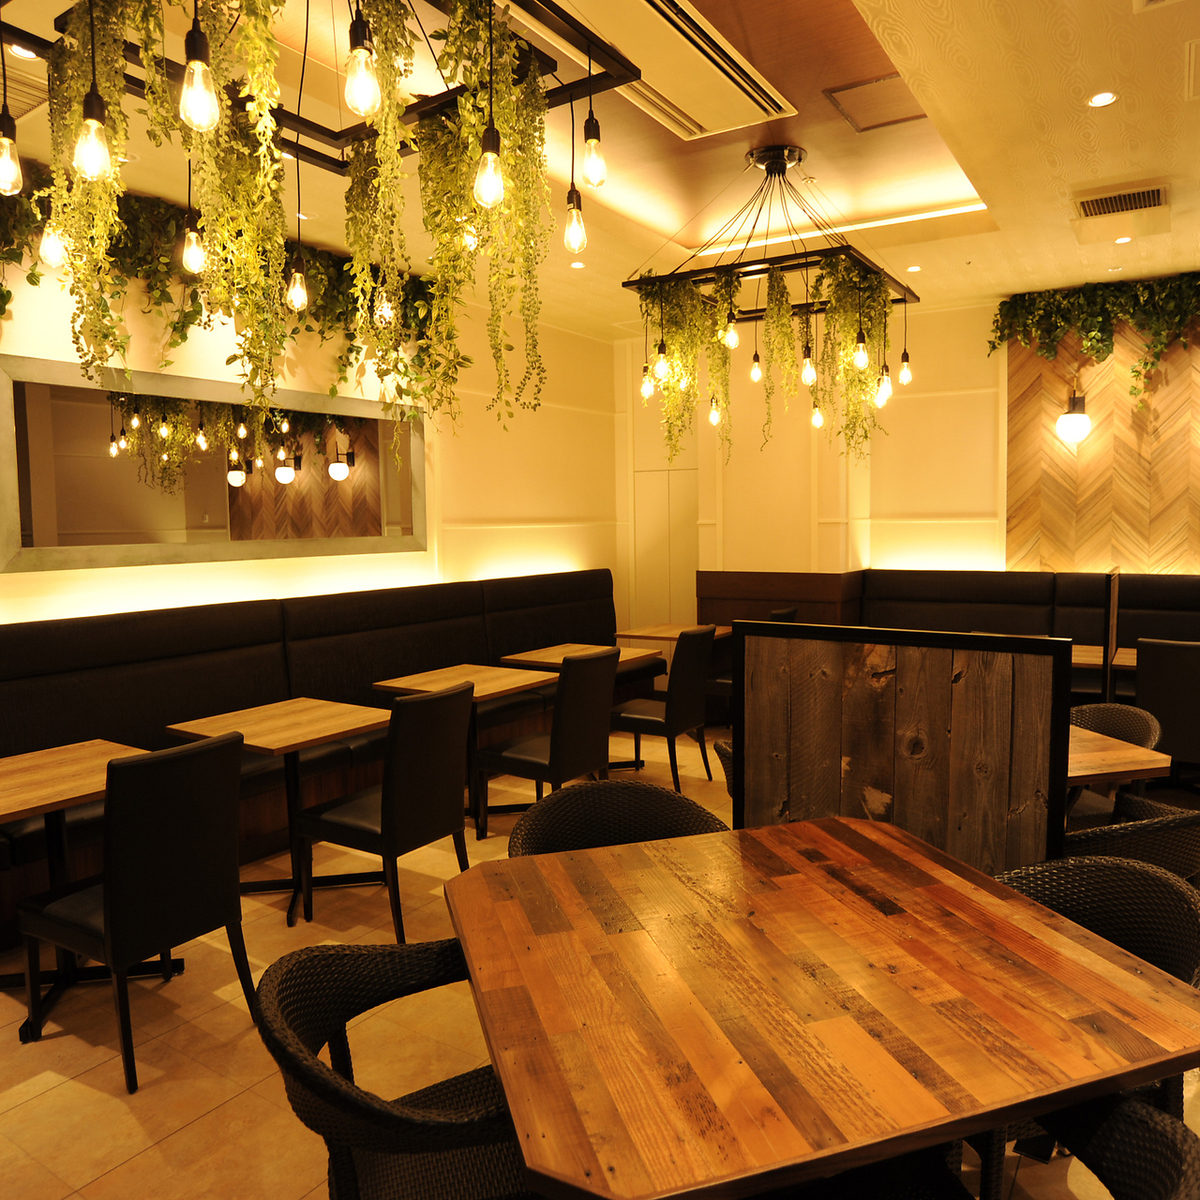 오리엔탈 리조트 호텔의 레스토랑을 이미지 한 세련된 어른의 공간.